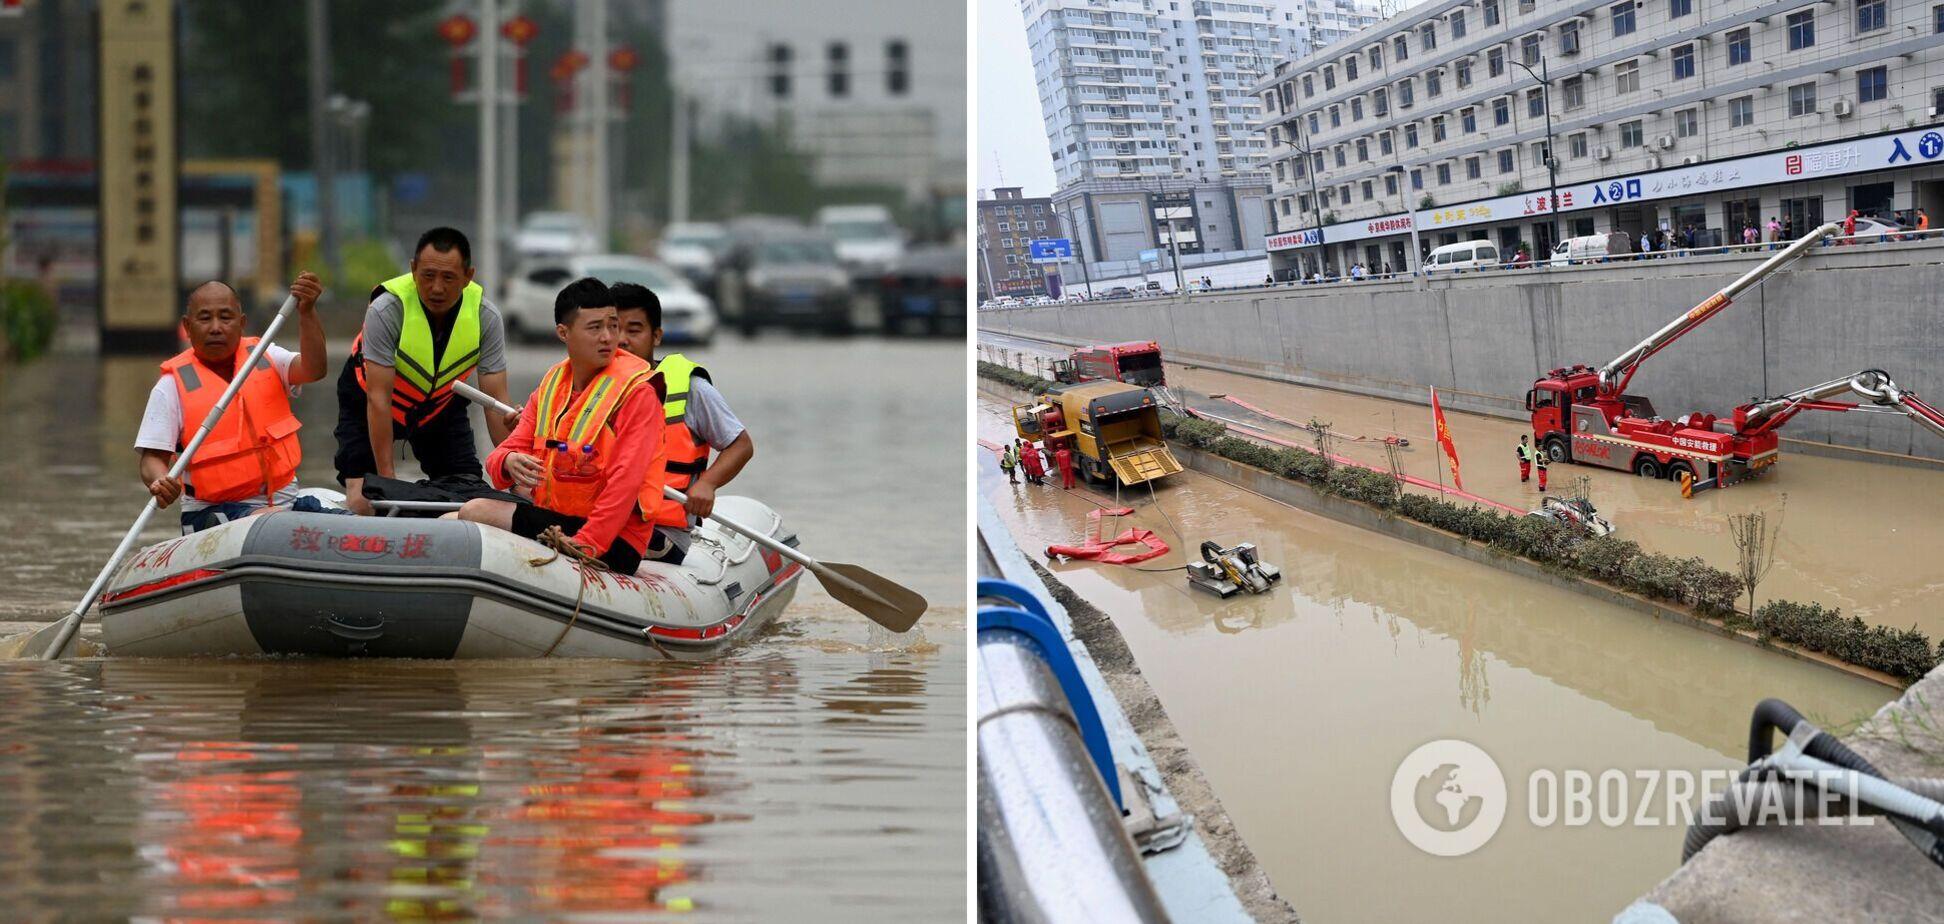 Кількість жертв повені в Китаї зросла до 51 особи, до узбережжя наближається тайфун. Відео